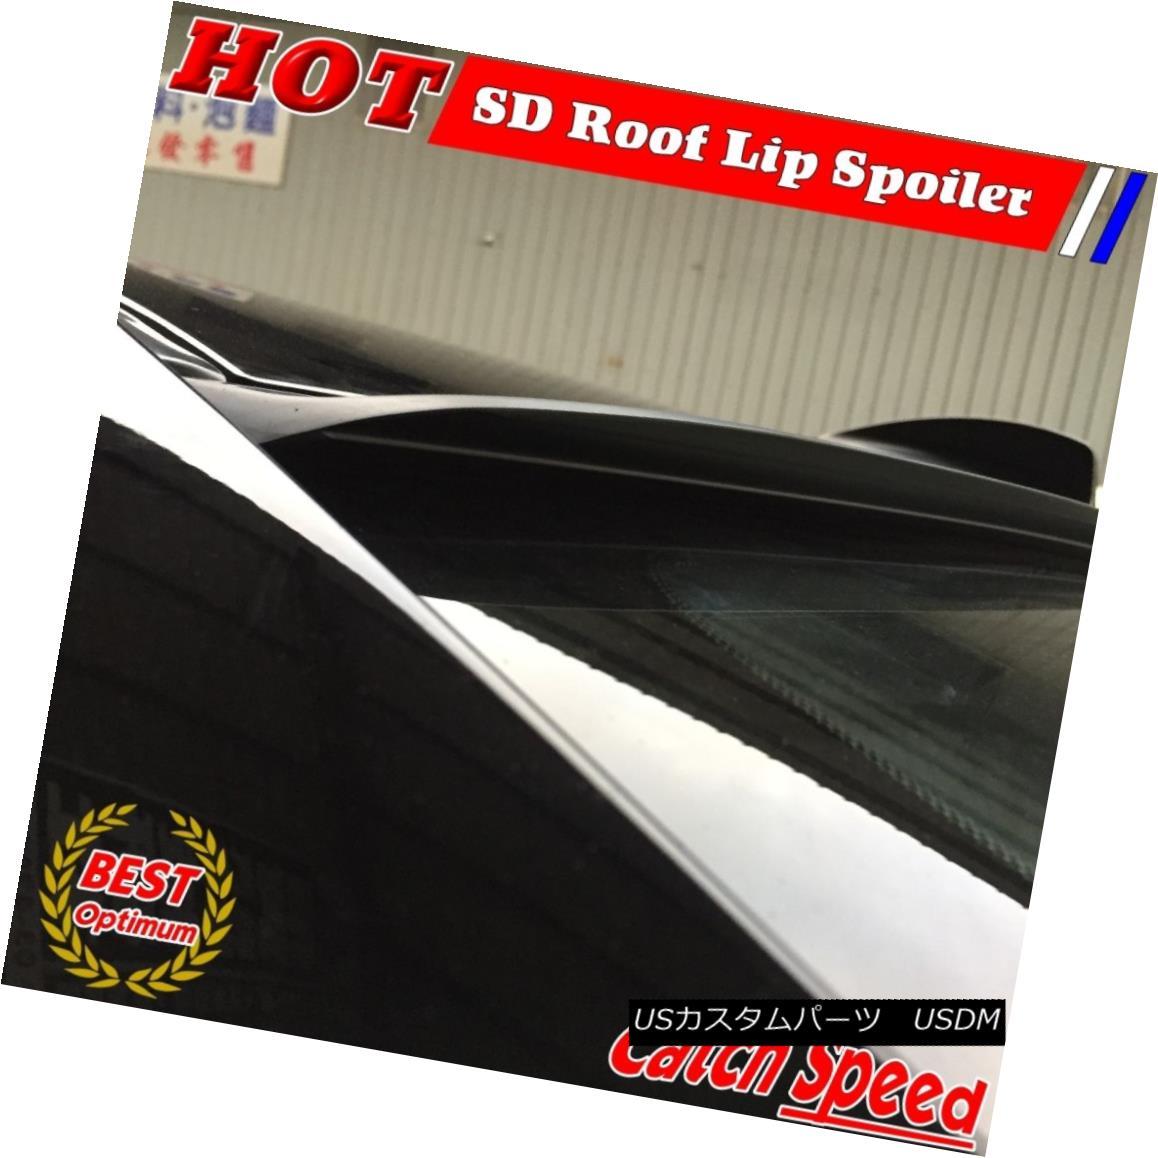 エアロパーツ Painted SD Type Rear Roof Spoiler Wing For Nissan Skyline Sedan V35 2001-2006 日産スカイラインセダンV35 2001-2006用の塗装済みSDタイプリアルーフスポイラーウイング